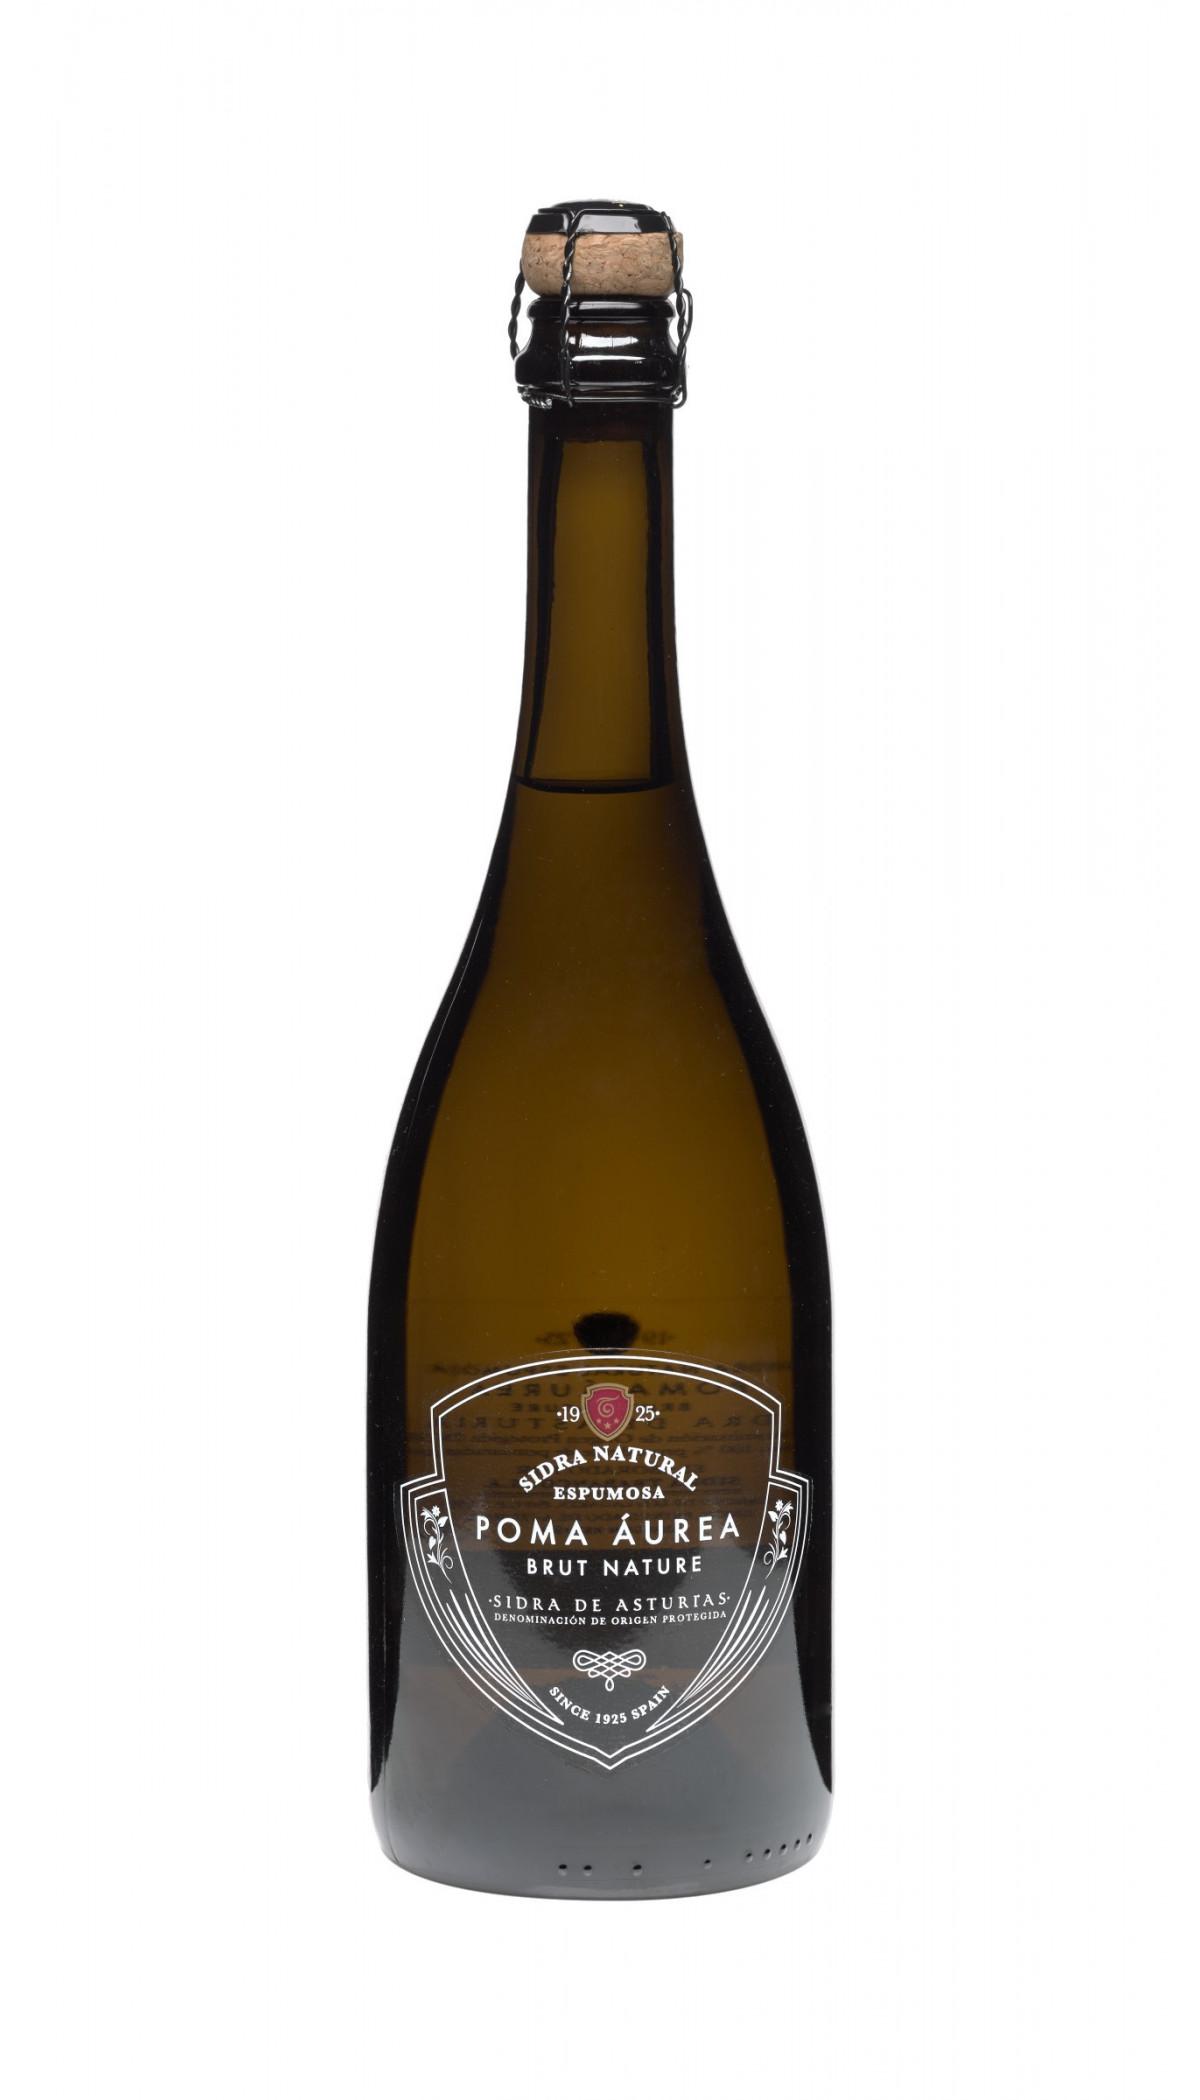 Botella de Sidra Espumosa Poma Áurea